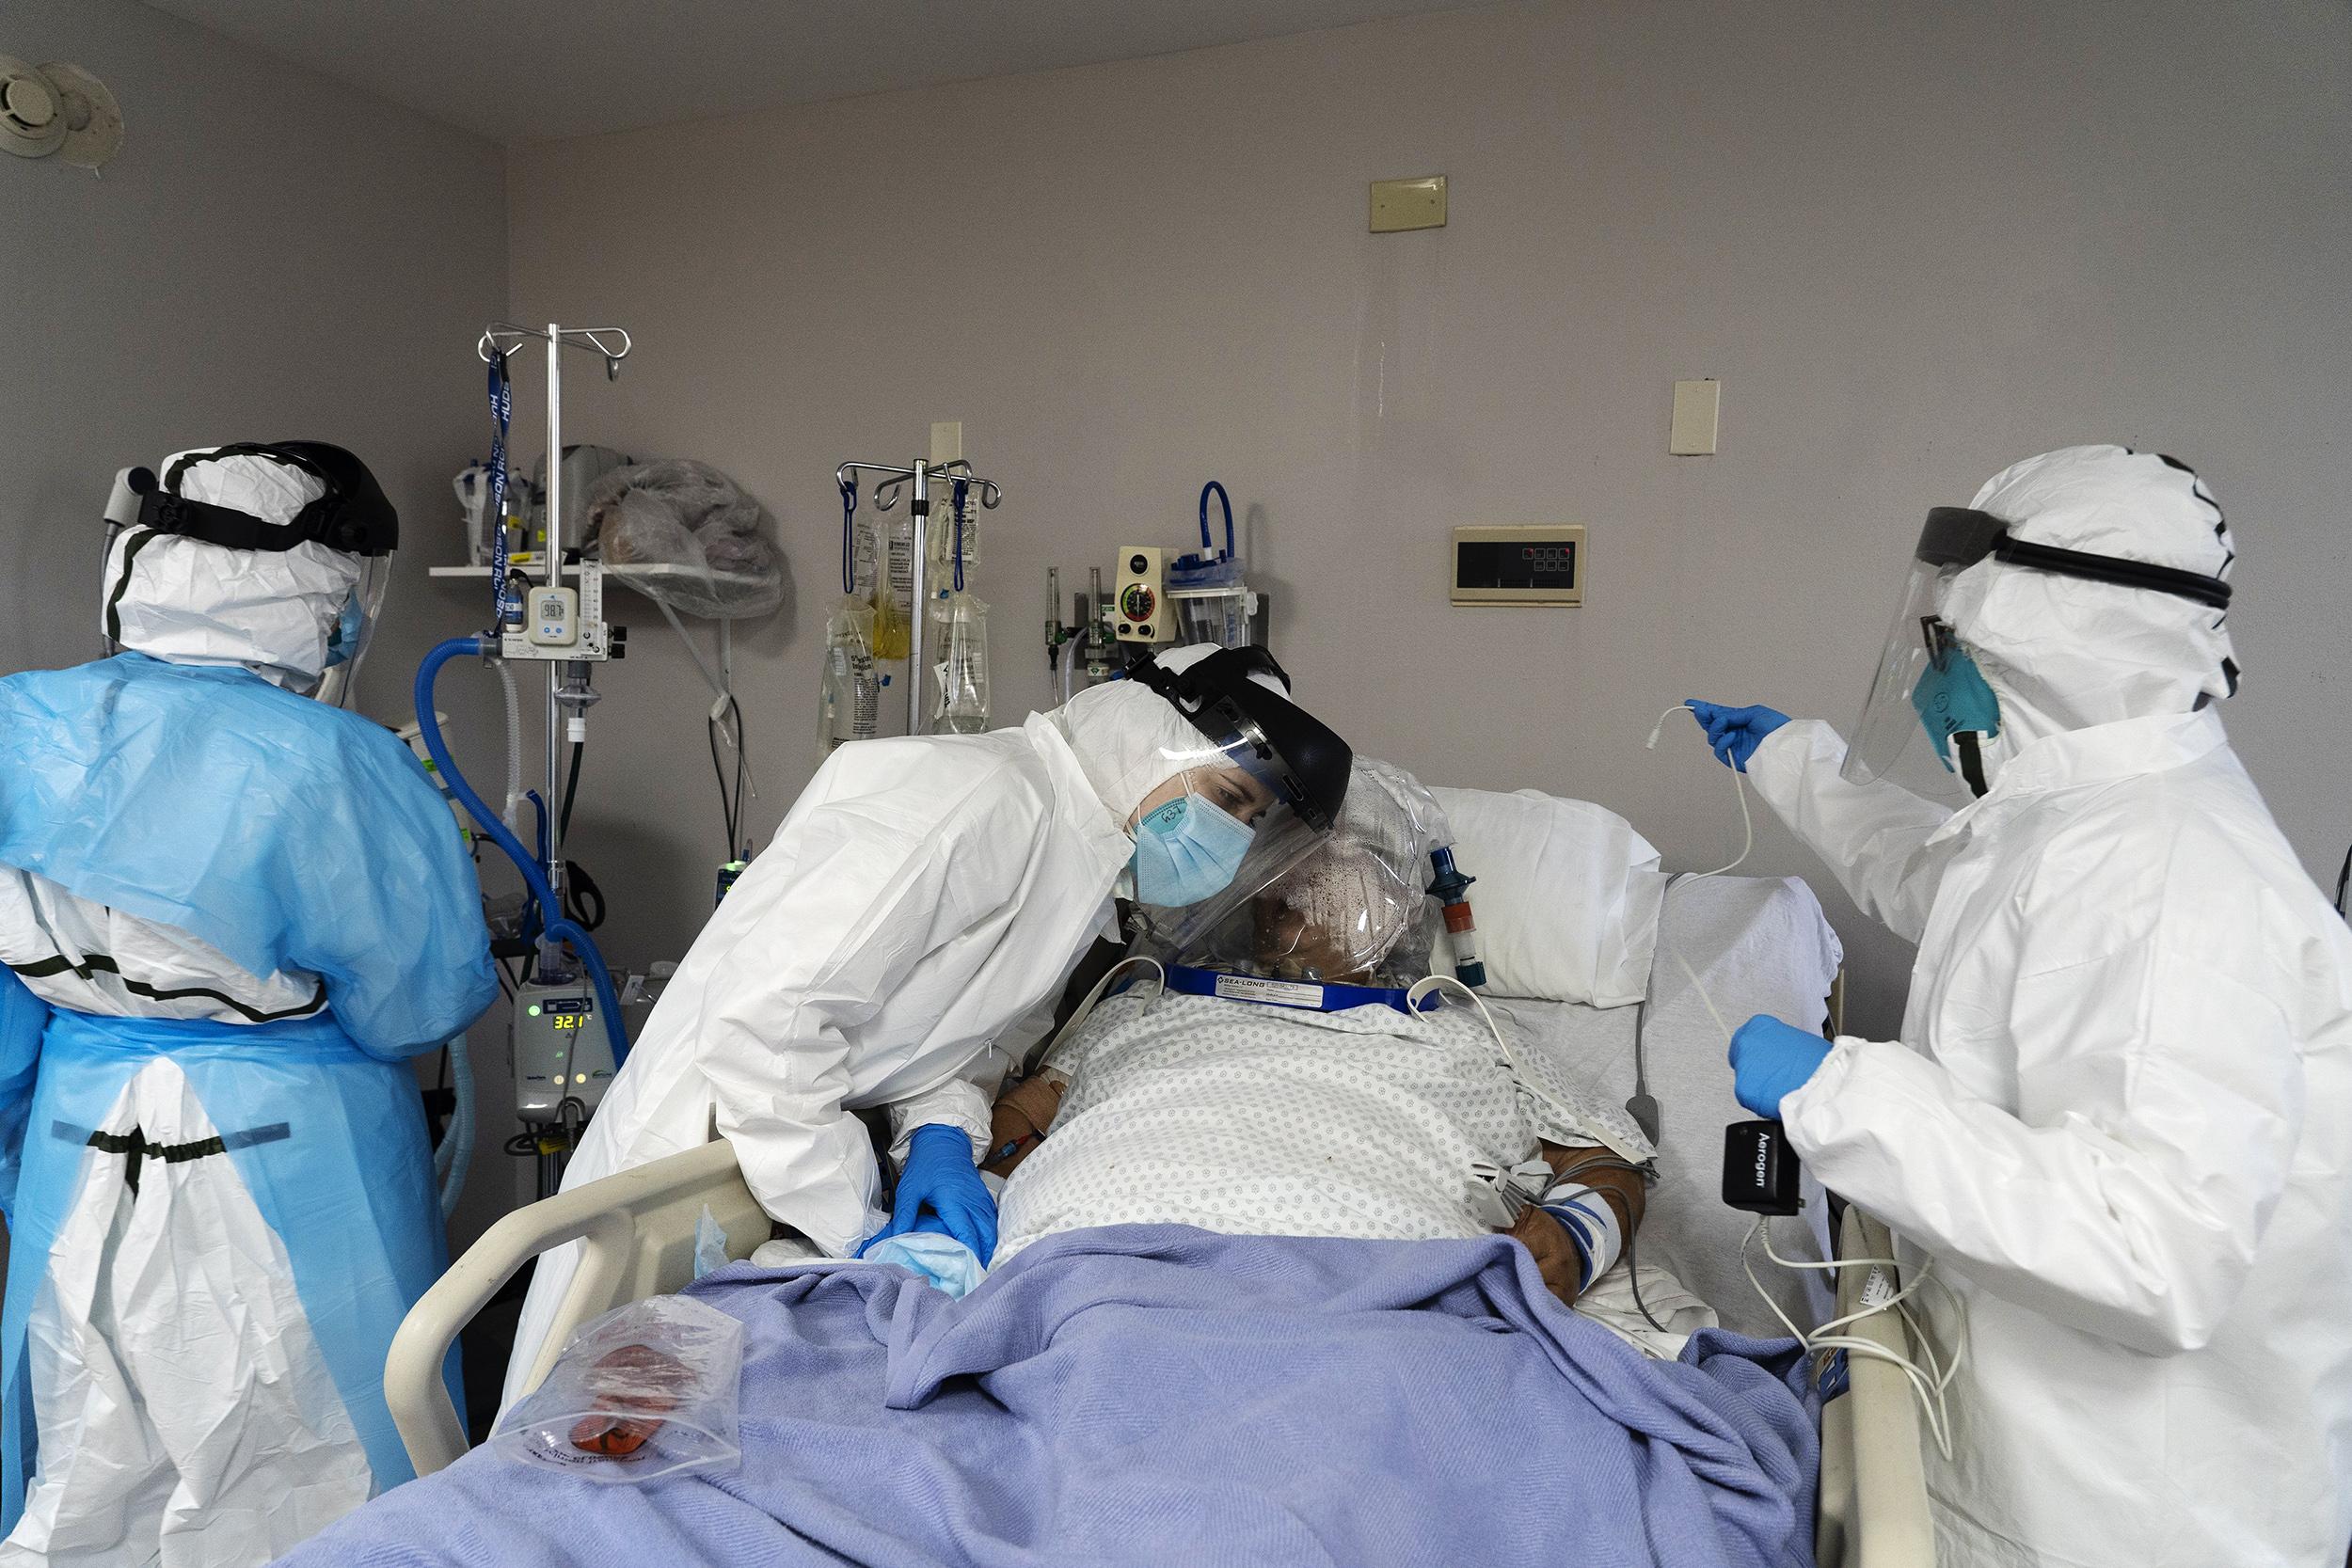 कोरोना के प्रकोप से उबरे लोगों को खतरा, बढ़ रहे हैं मौत के मामले